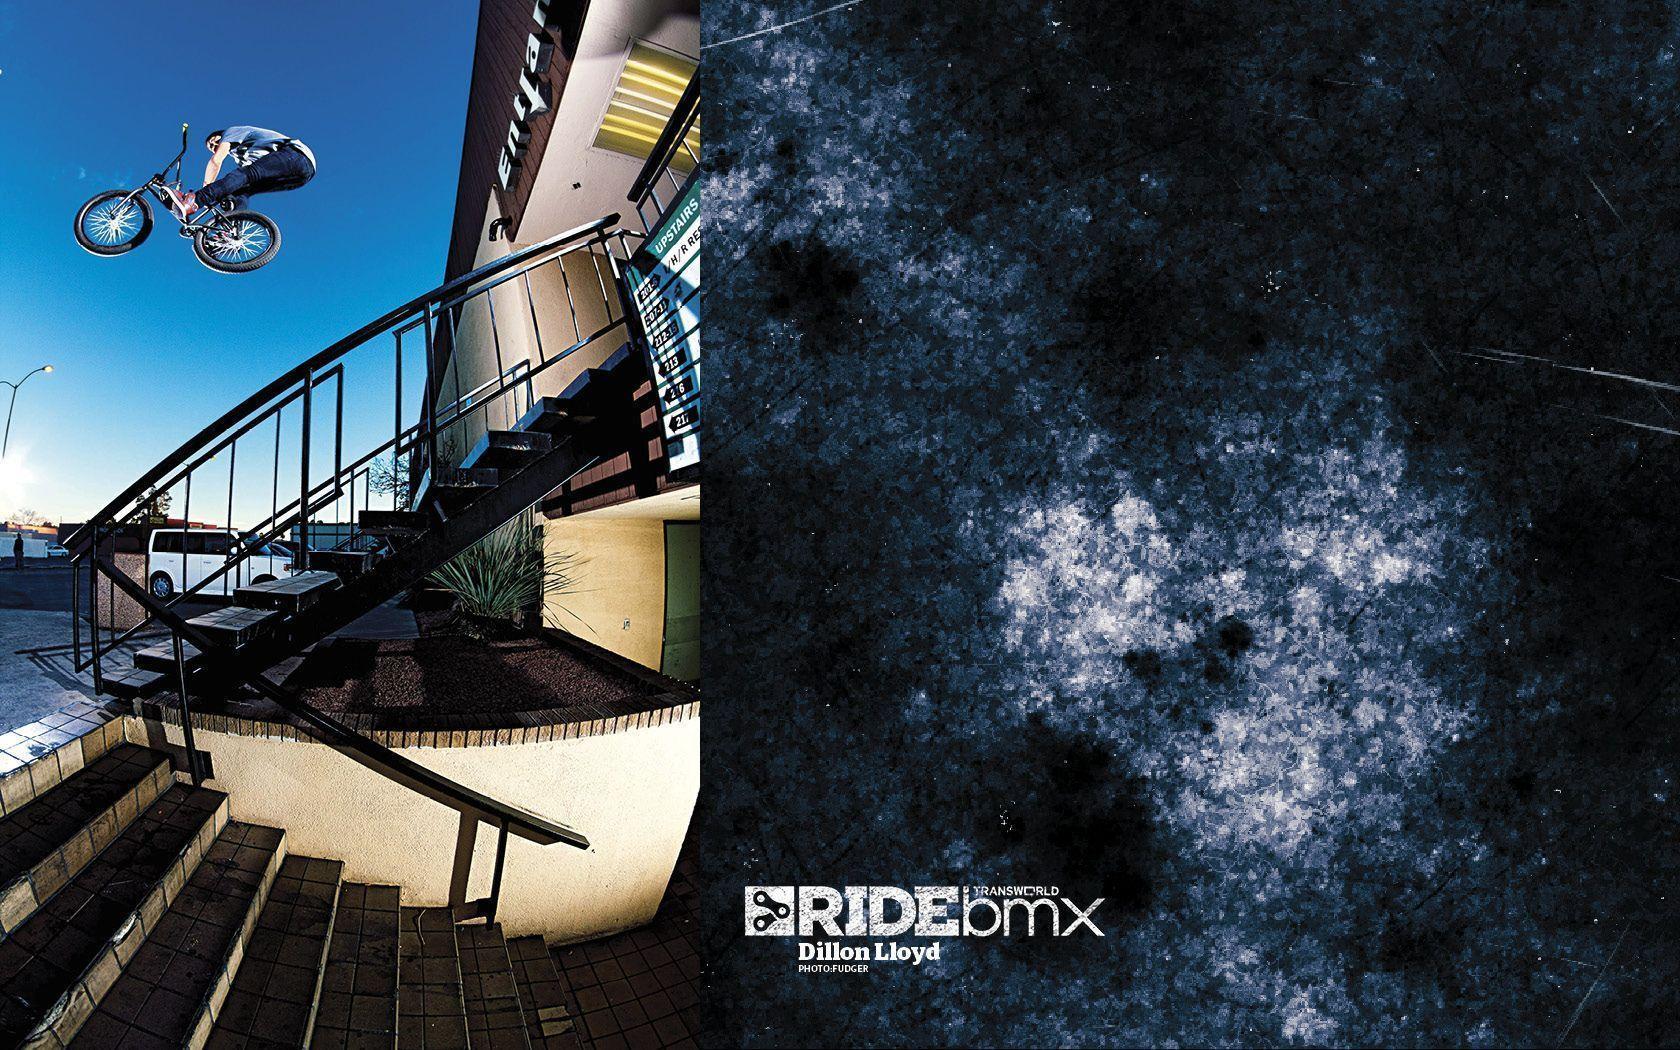 street bmx wallpaper - photo #19